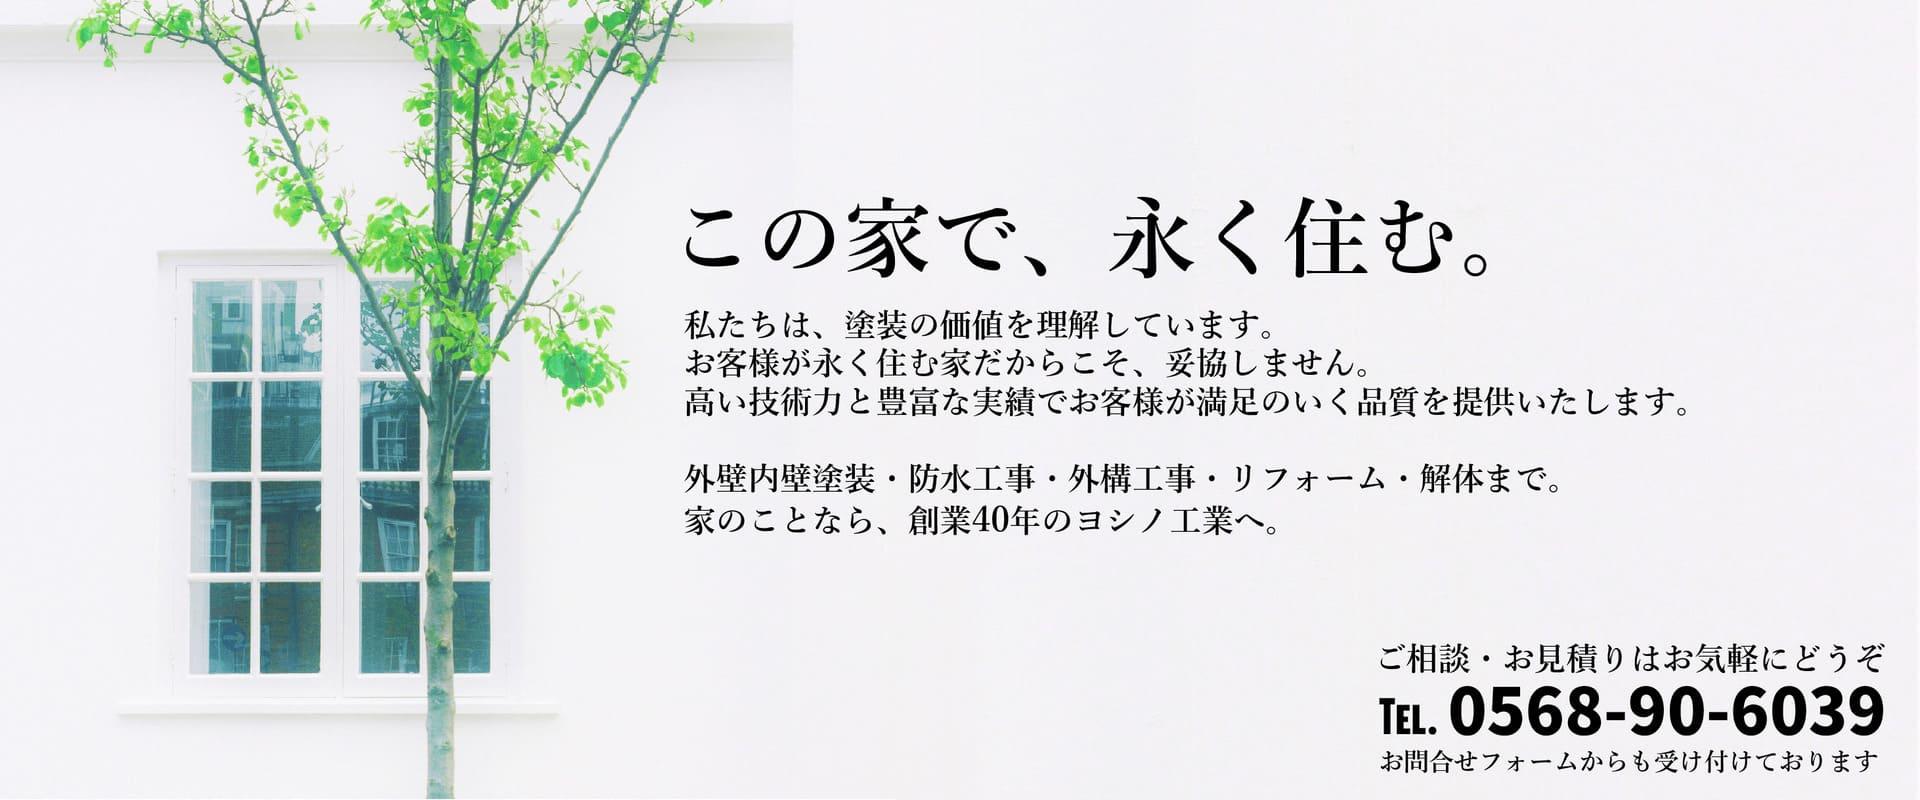 TopImage-01_1920x800_cmp